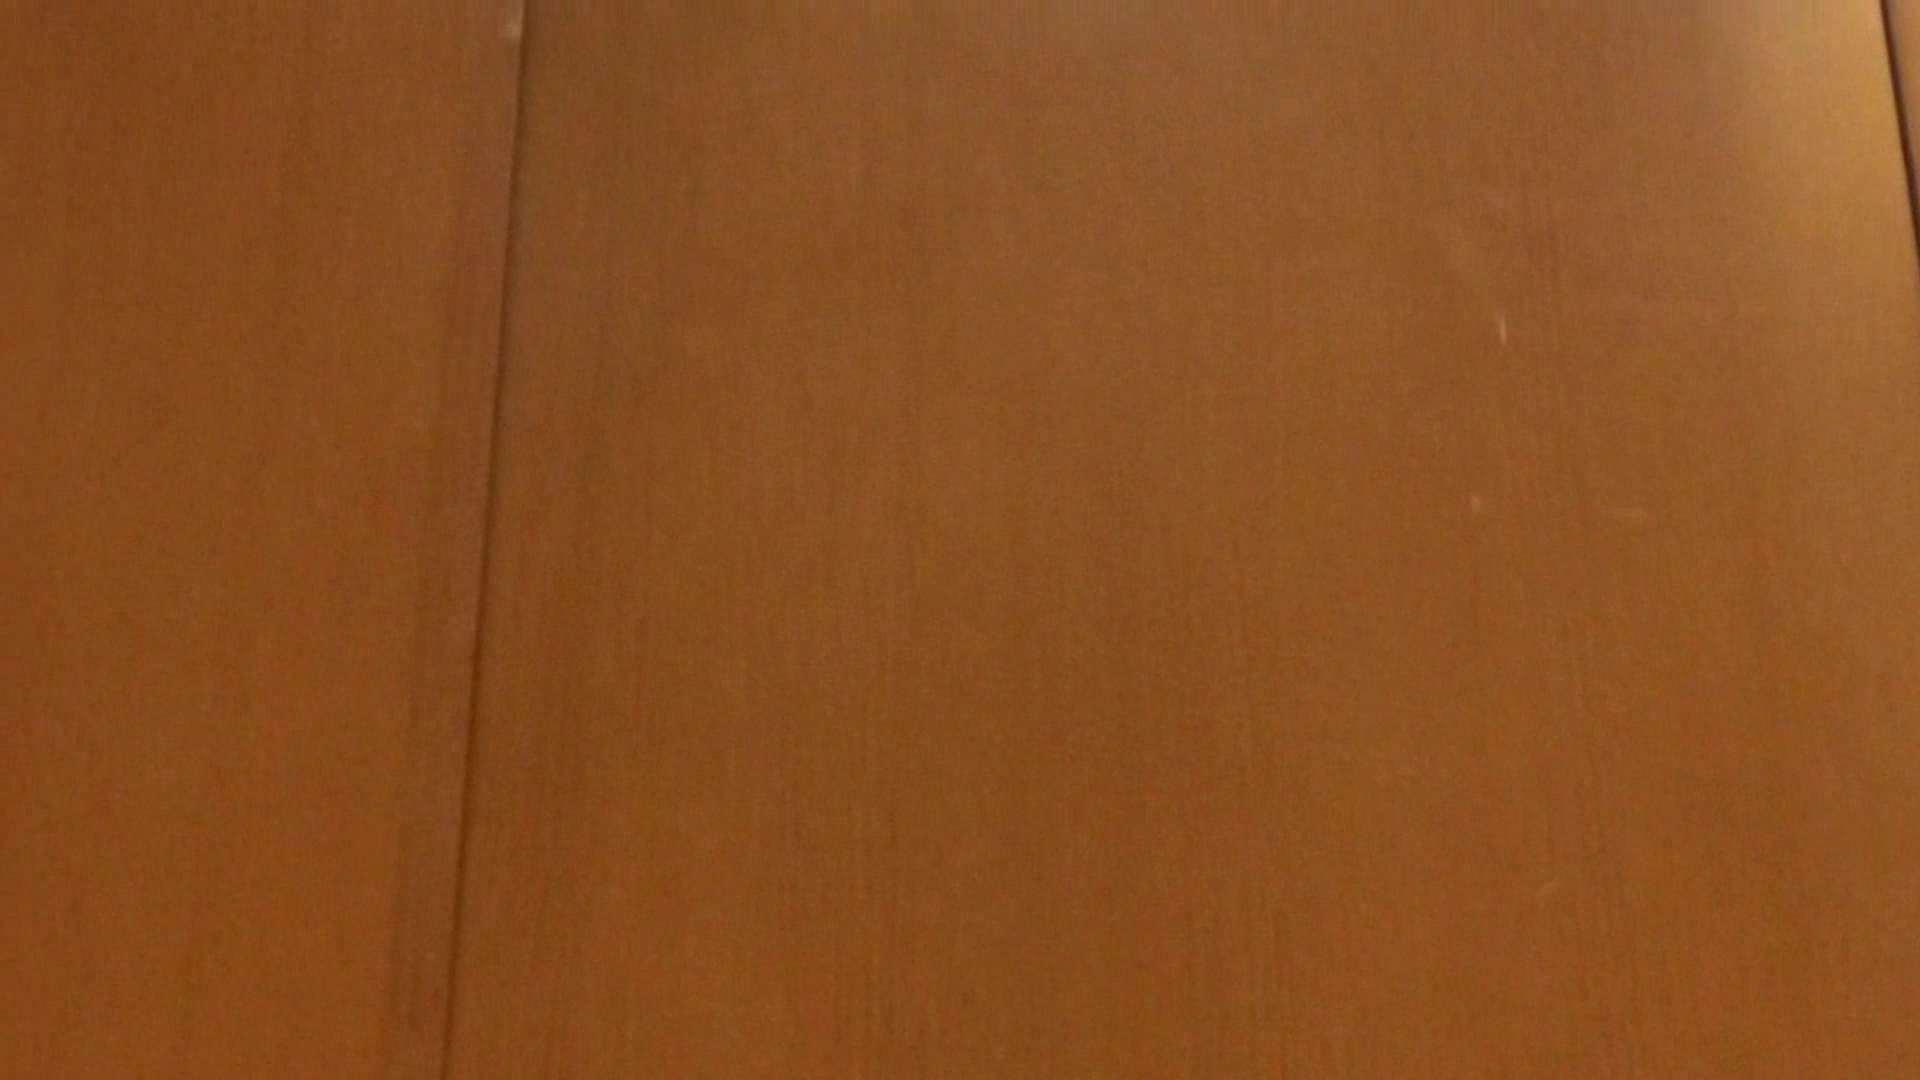 「噂」の国の厠観察日記2 Vol.01 人気シリーズ  89PIX 70